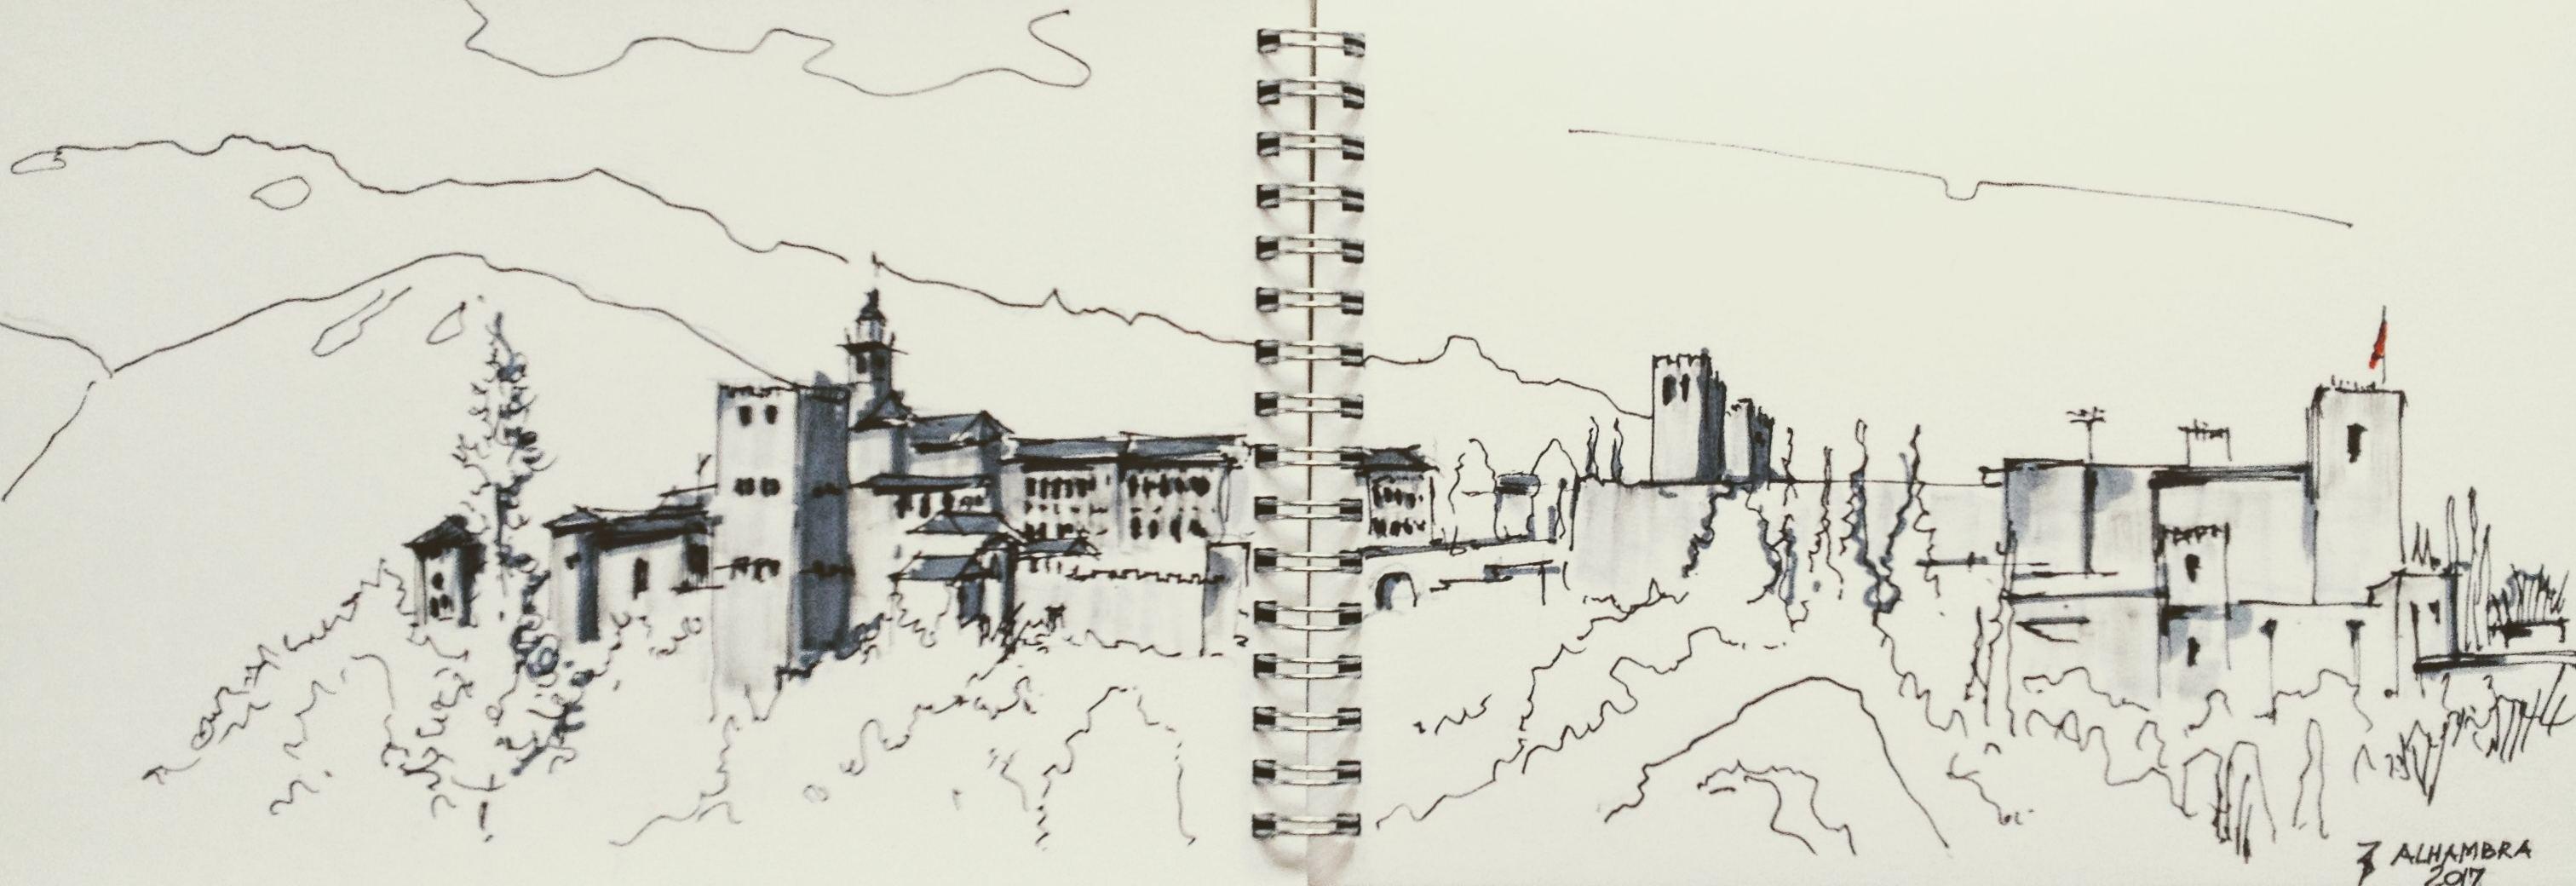 Alhambra sketch